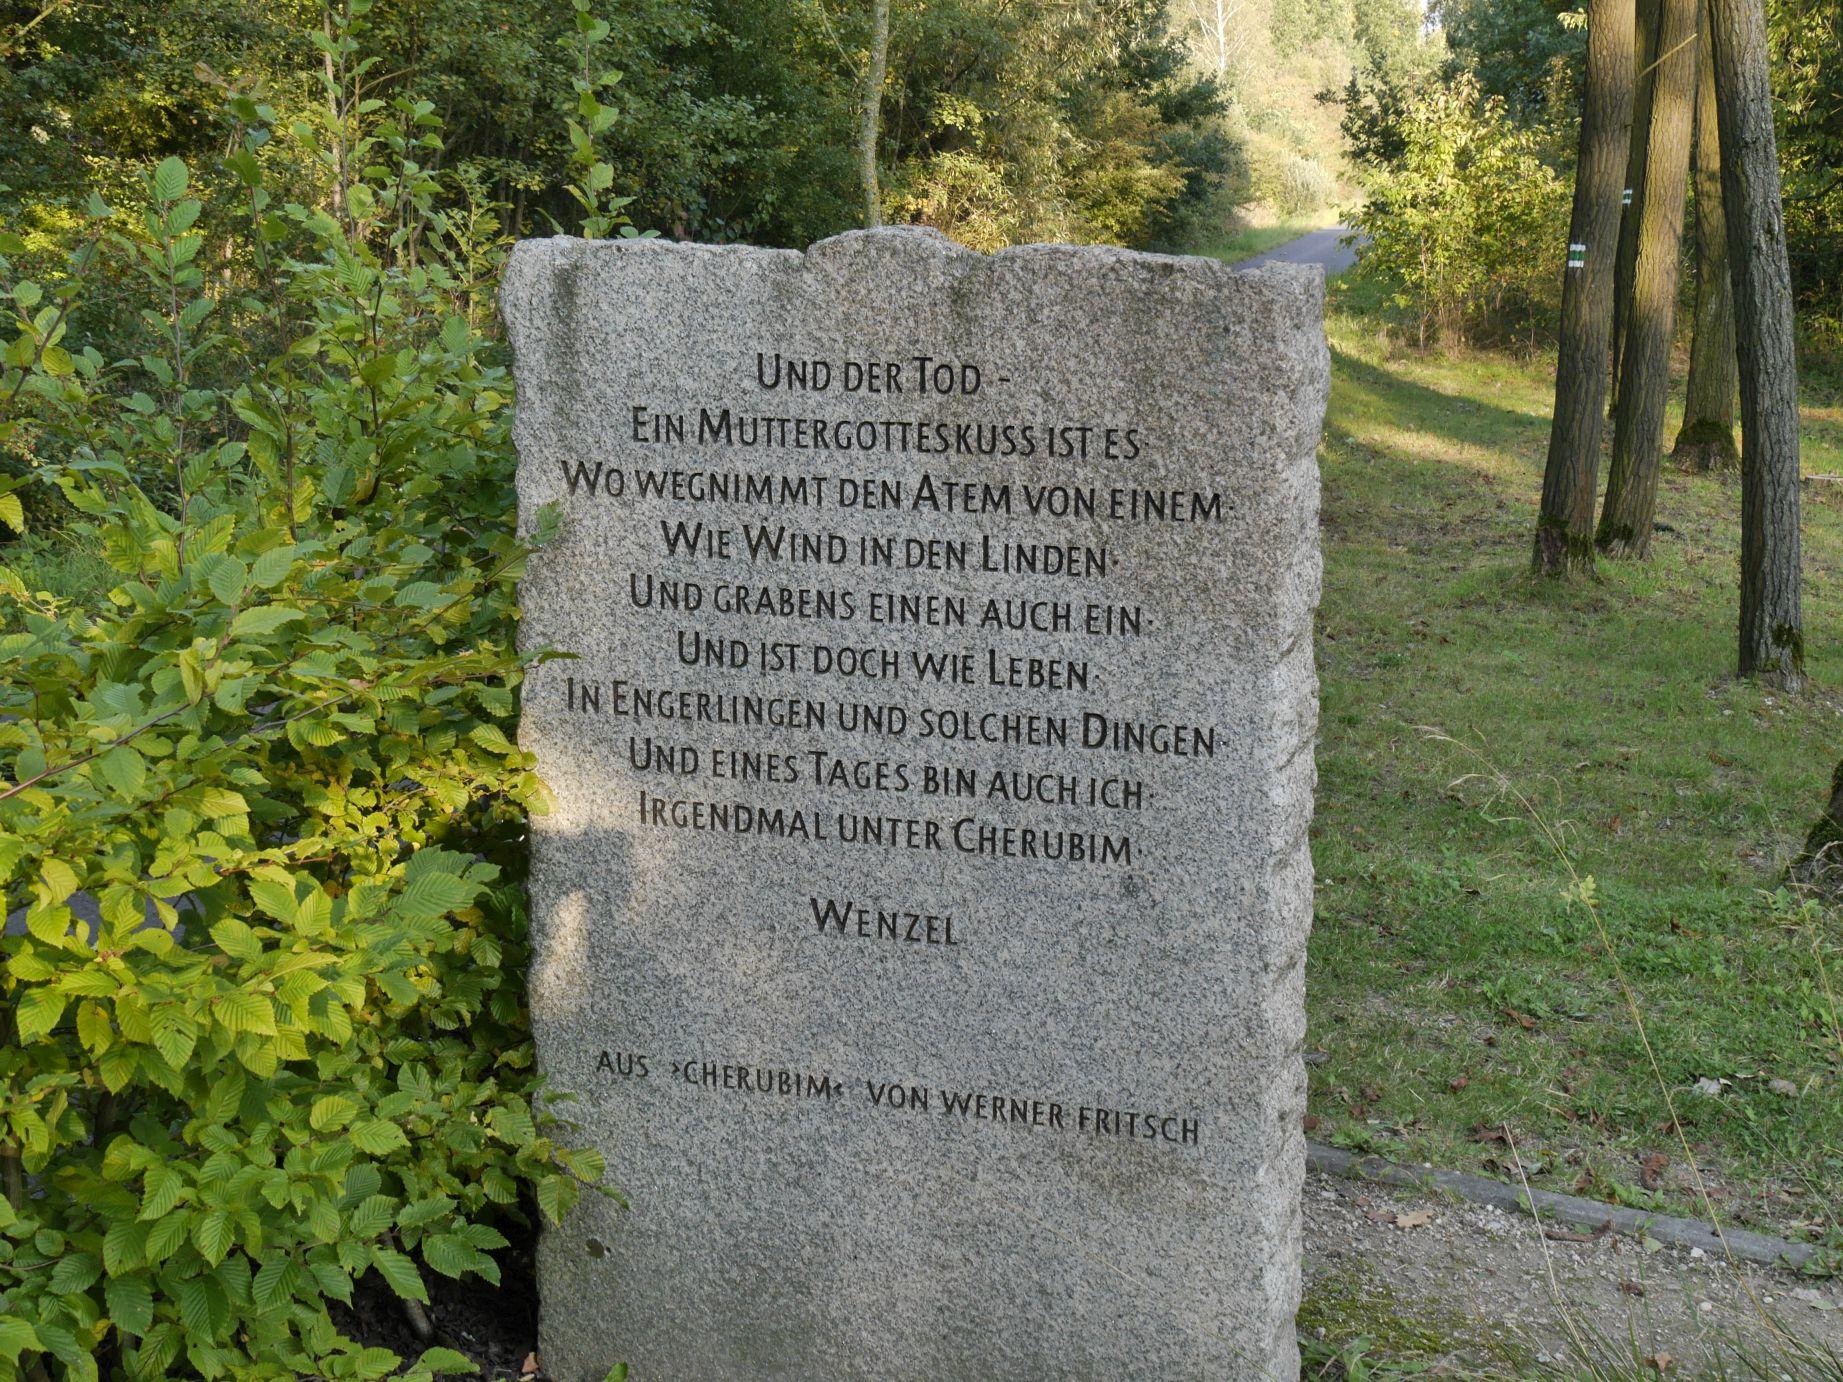 In Schönlind, einer deutschen Ortschaft, die nach dem 2. Weltkrieg dem Erdboden gleich gemacht wurde.